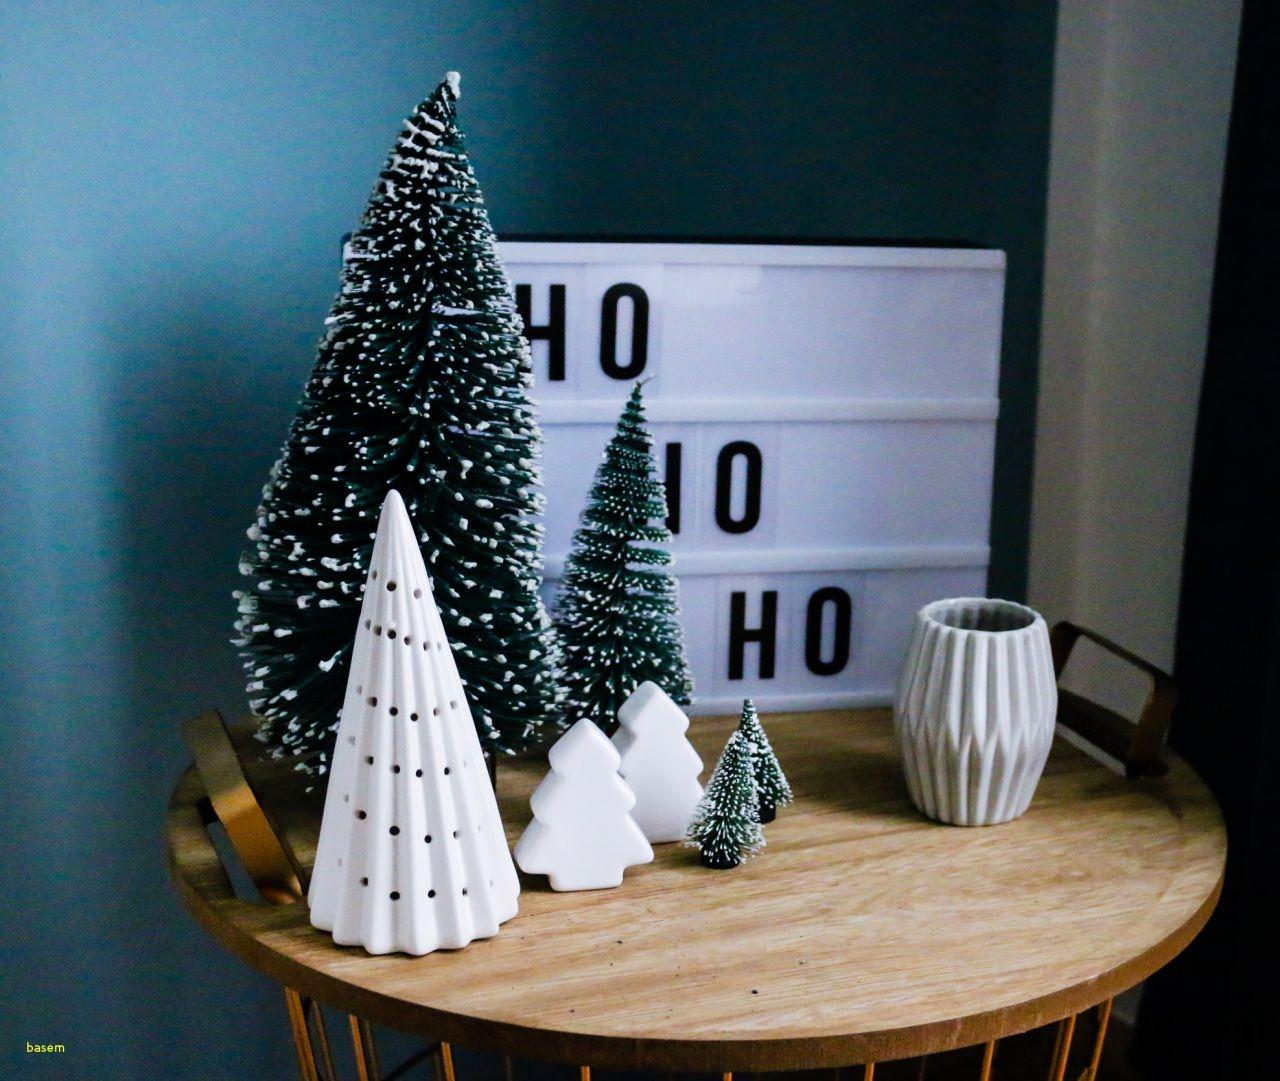 basteln mit alten holzbalken best weihnachtsdeko aus holz selber basteln schone dekoration of basteln mit alten holzbalken